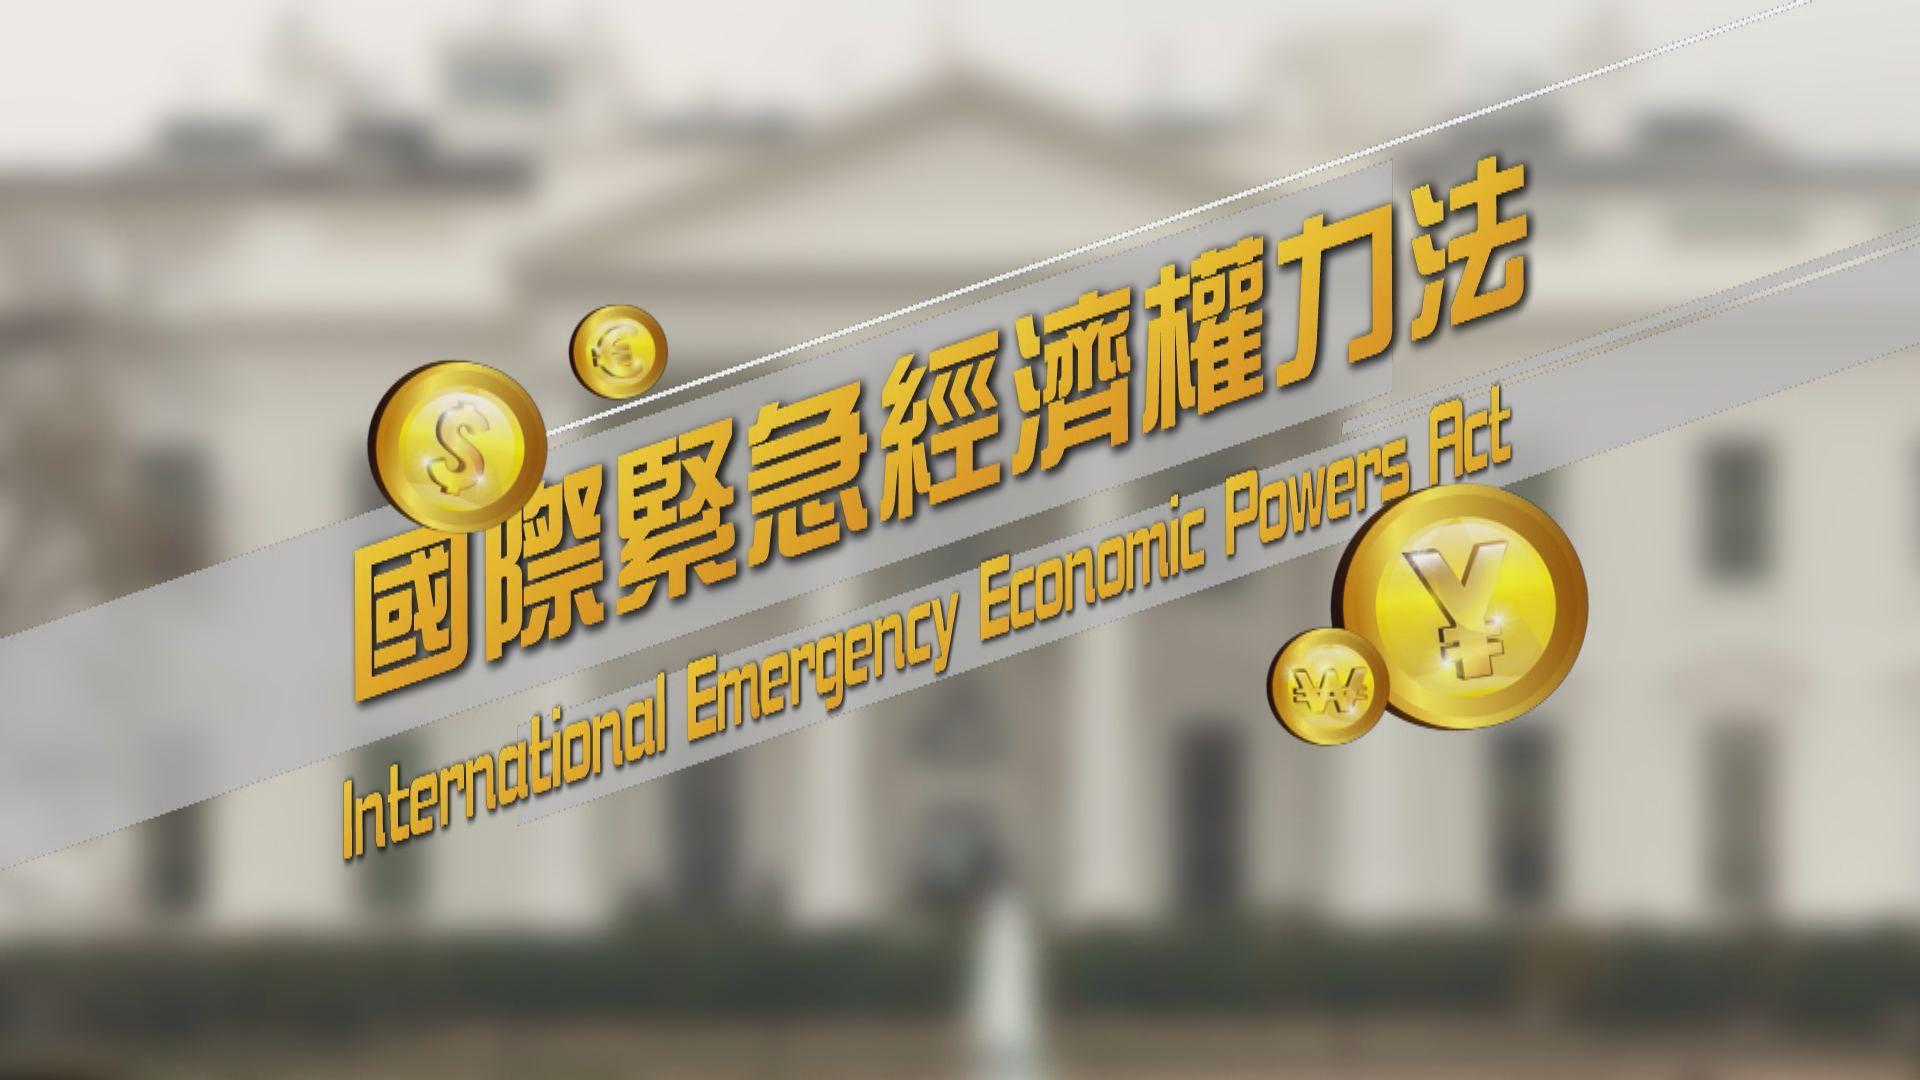 【新聞智庫】特朗普聲言迫美國公司撤華 《國際緊急經濟權力法》是尚方寶劍?